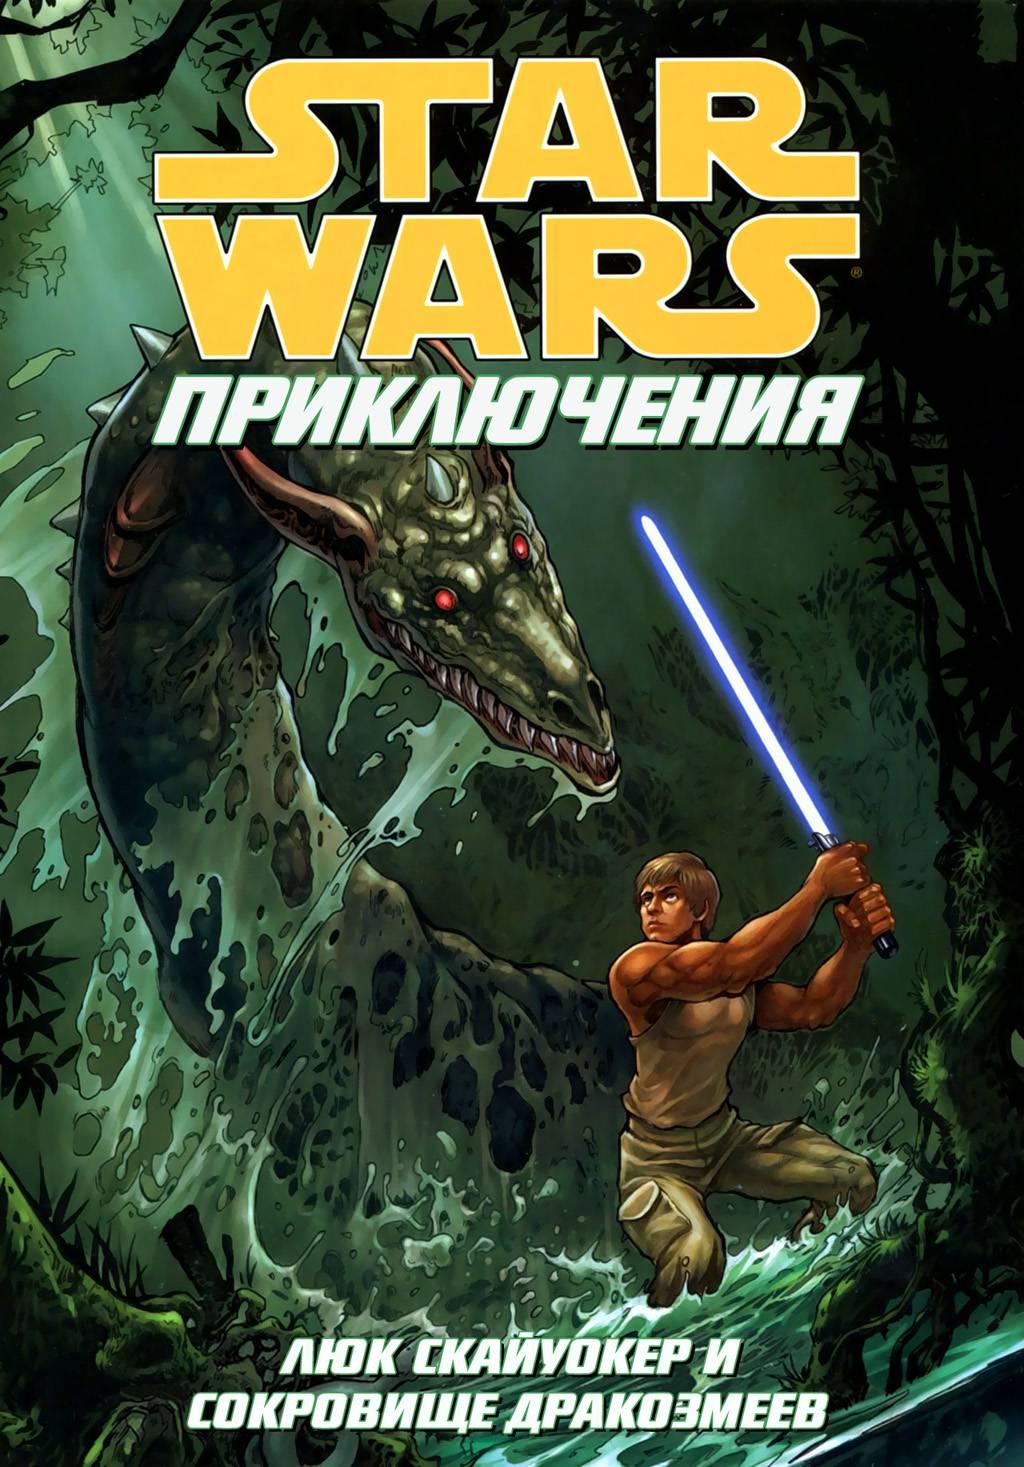 Звездные Войны Приключения: Люк Скайуокер и Сокровища Дракозмеев онлайн